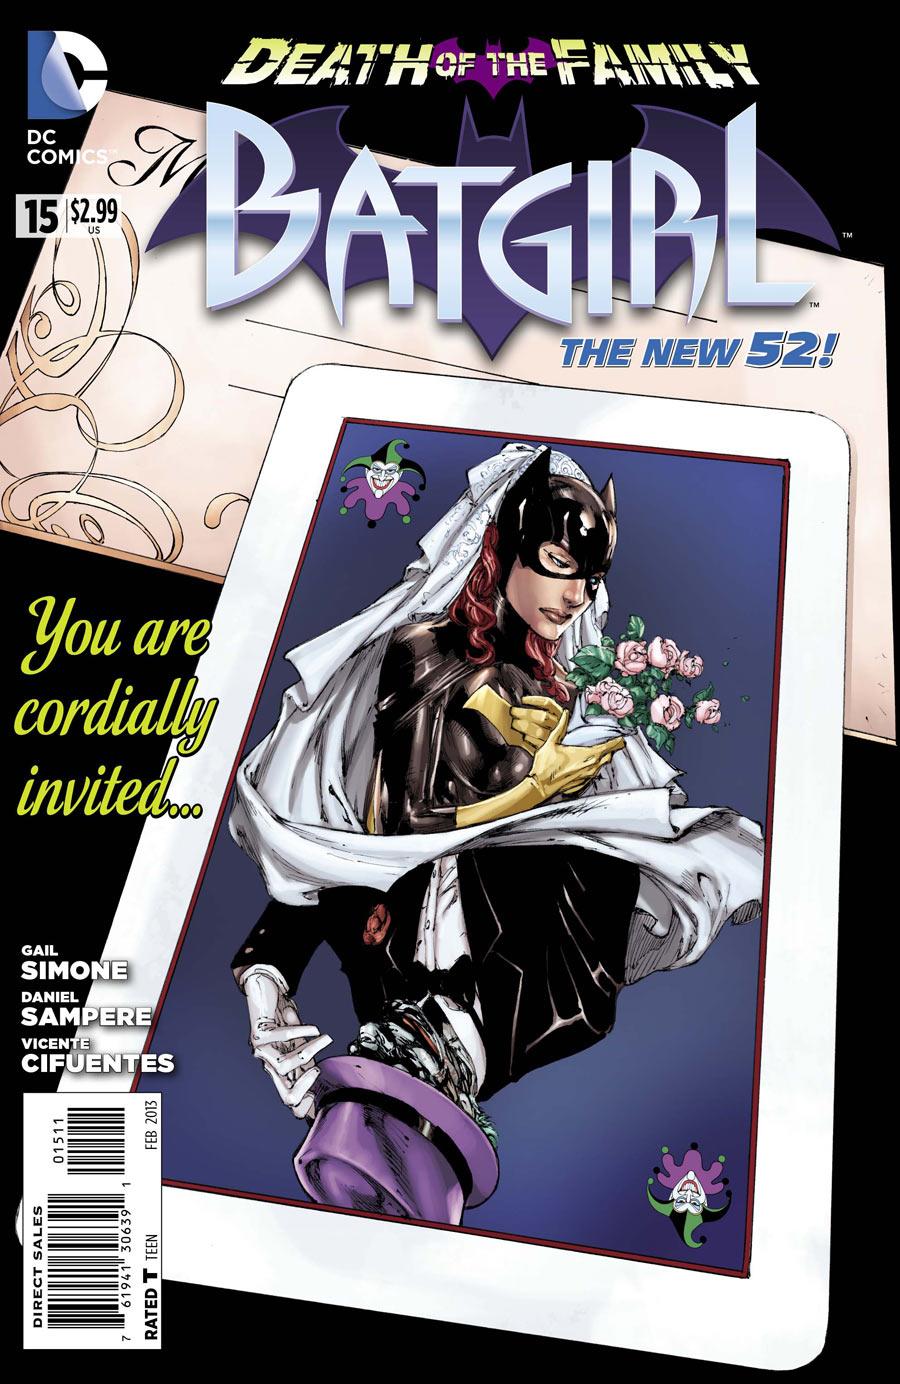 Batgirl #15